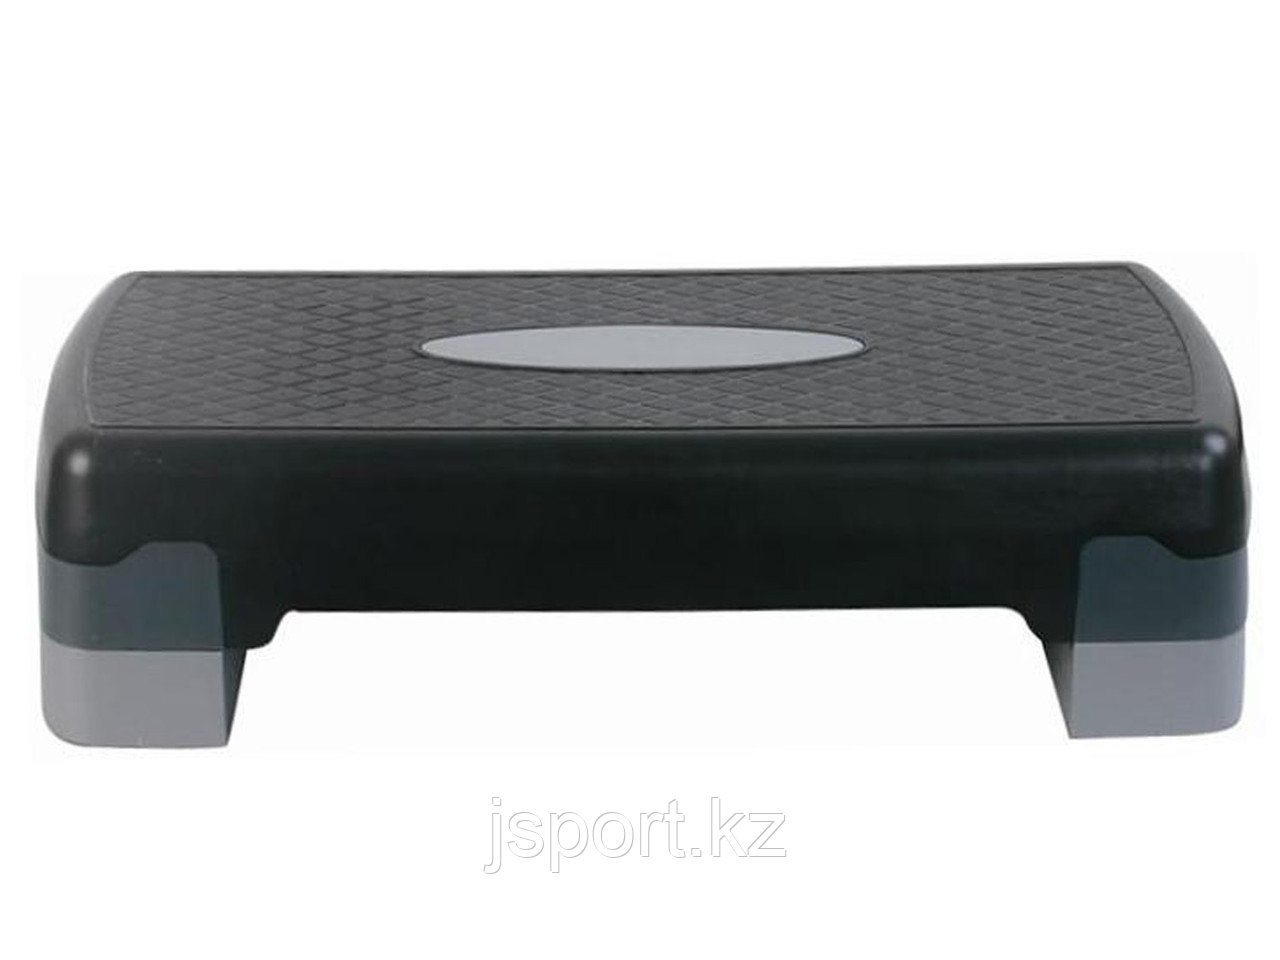 Степ платформа 2-х уровневая